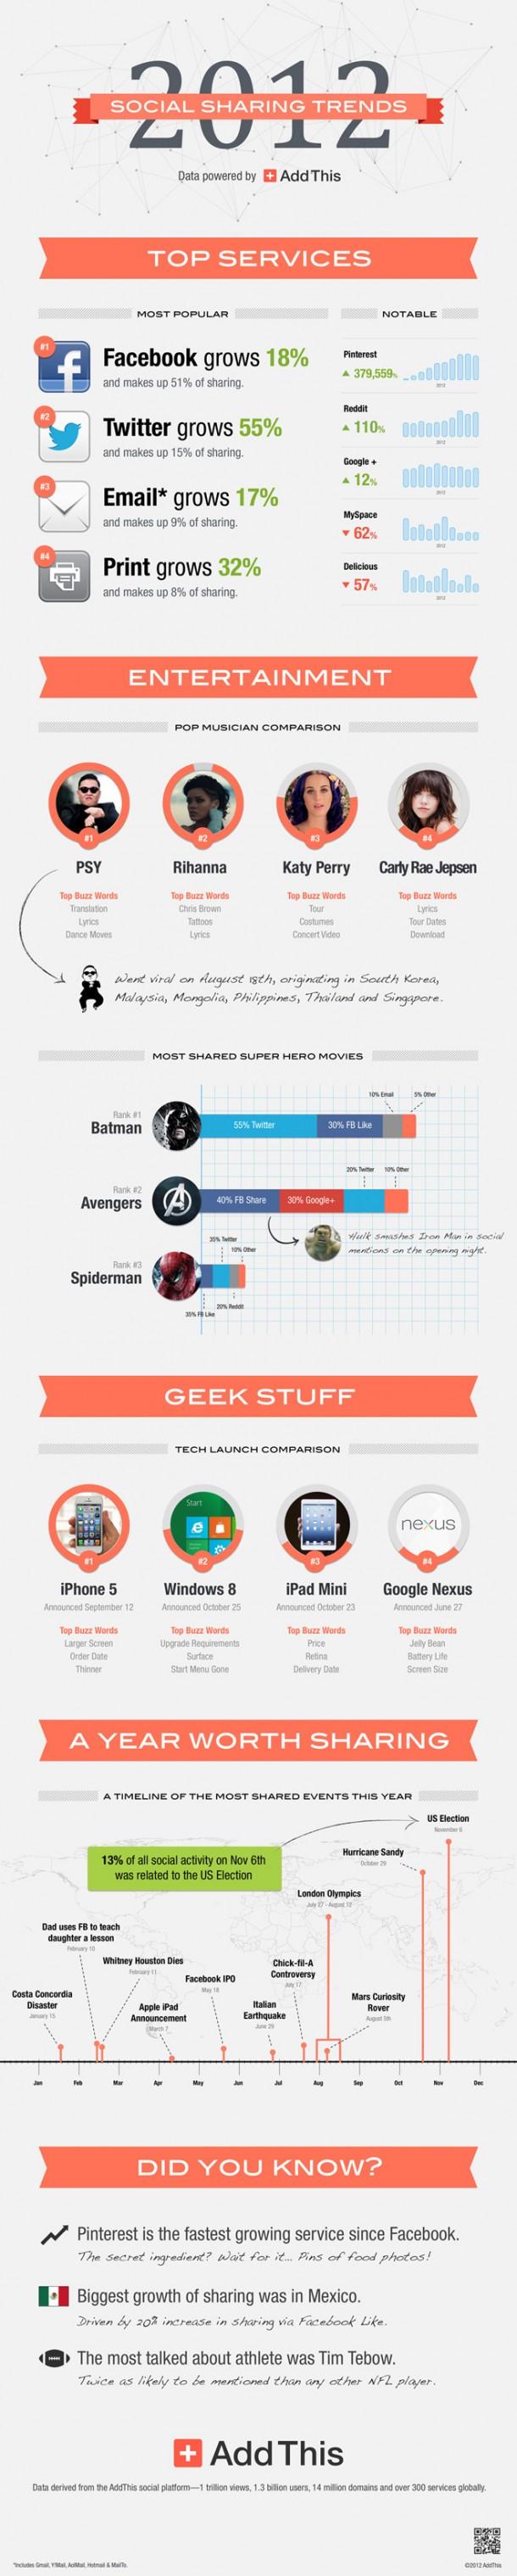 De que se ha hablado en las Redes Sociales en 2012